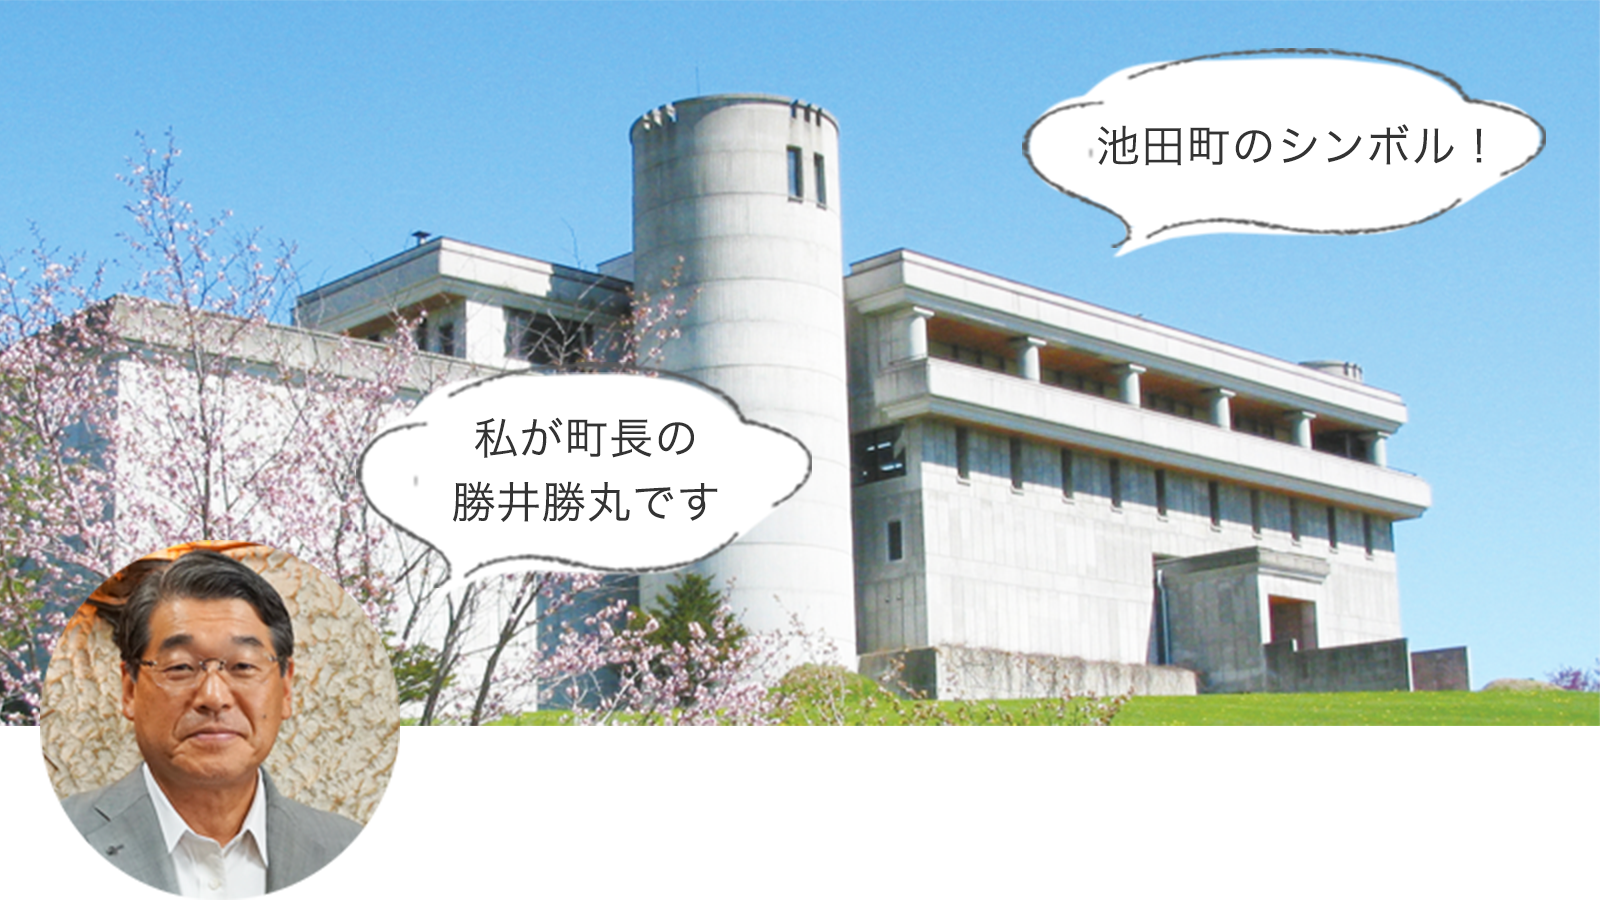 池田町のシンボル!ワイン城と町長の勝井勝丸さんの写真